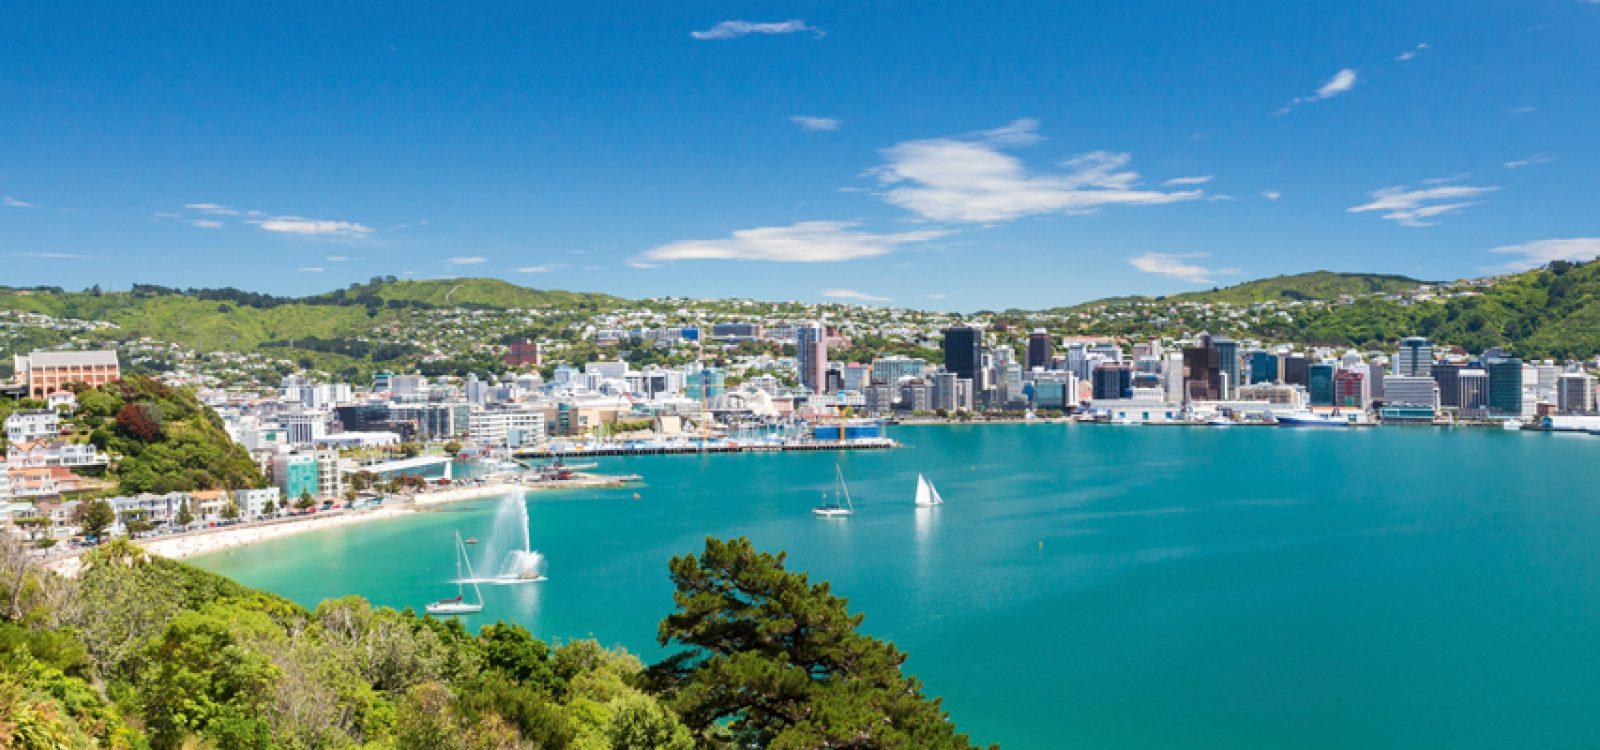 Australasia CPD Tour – the New Zealand leg